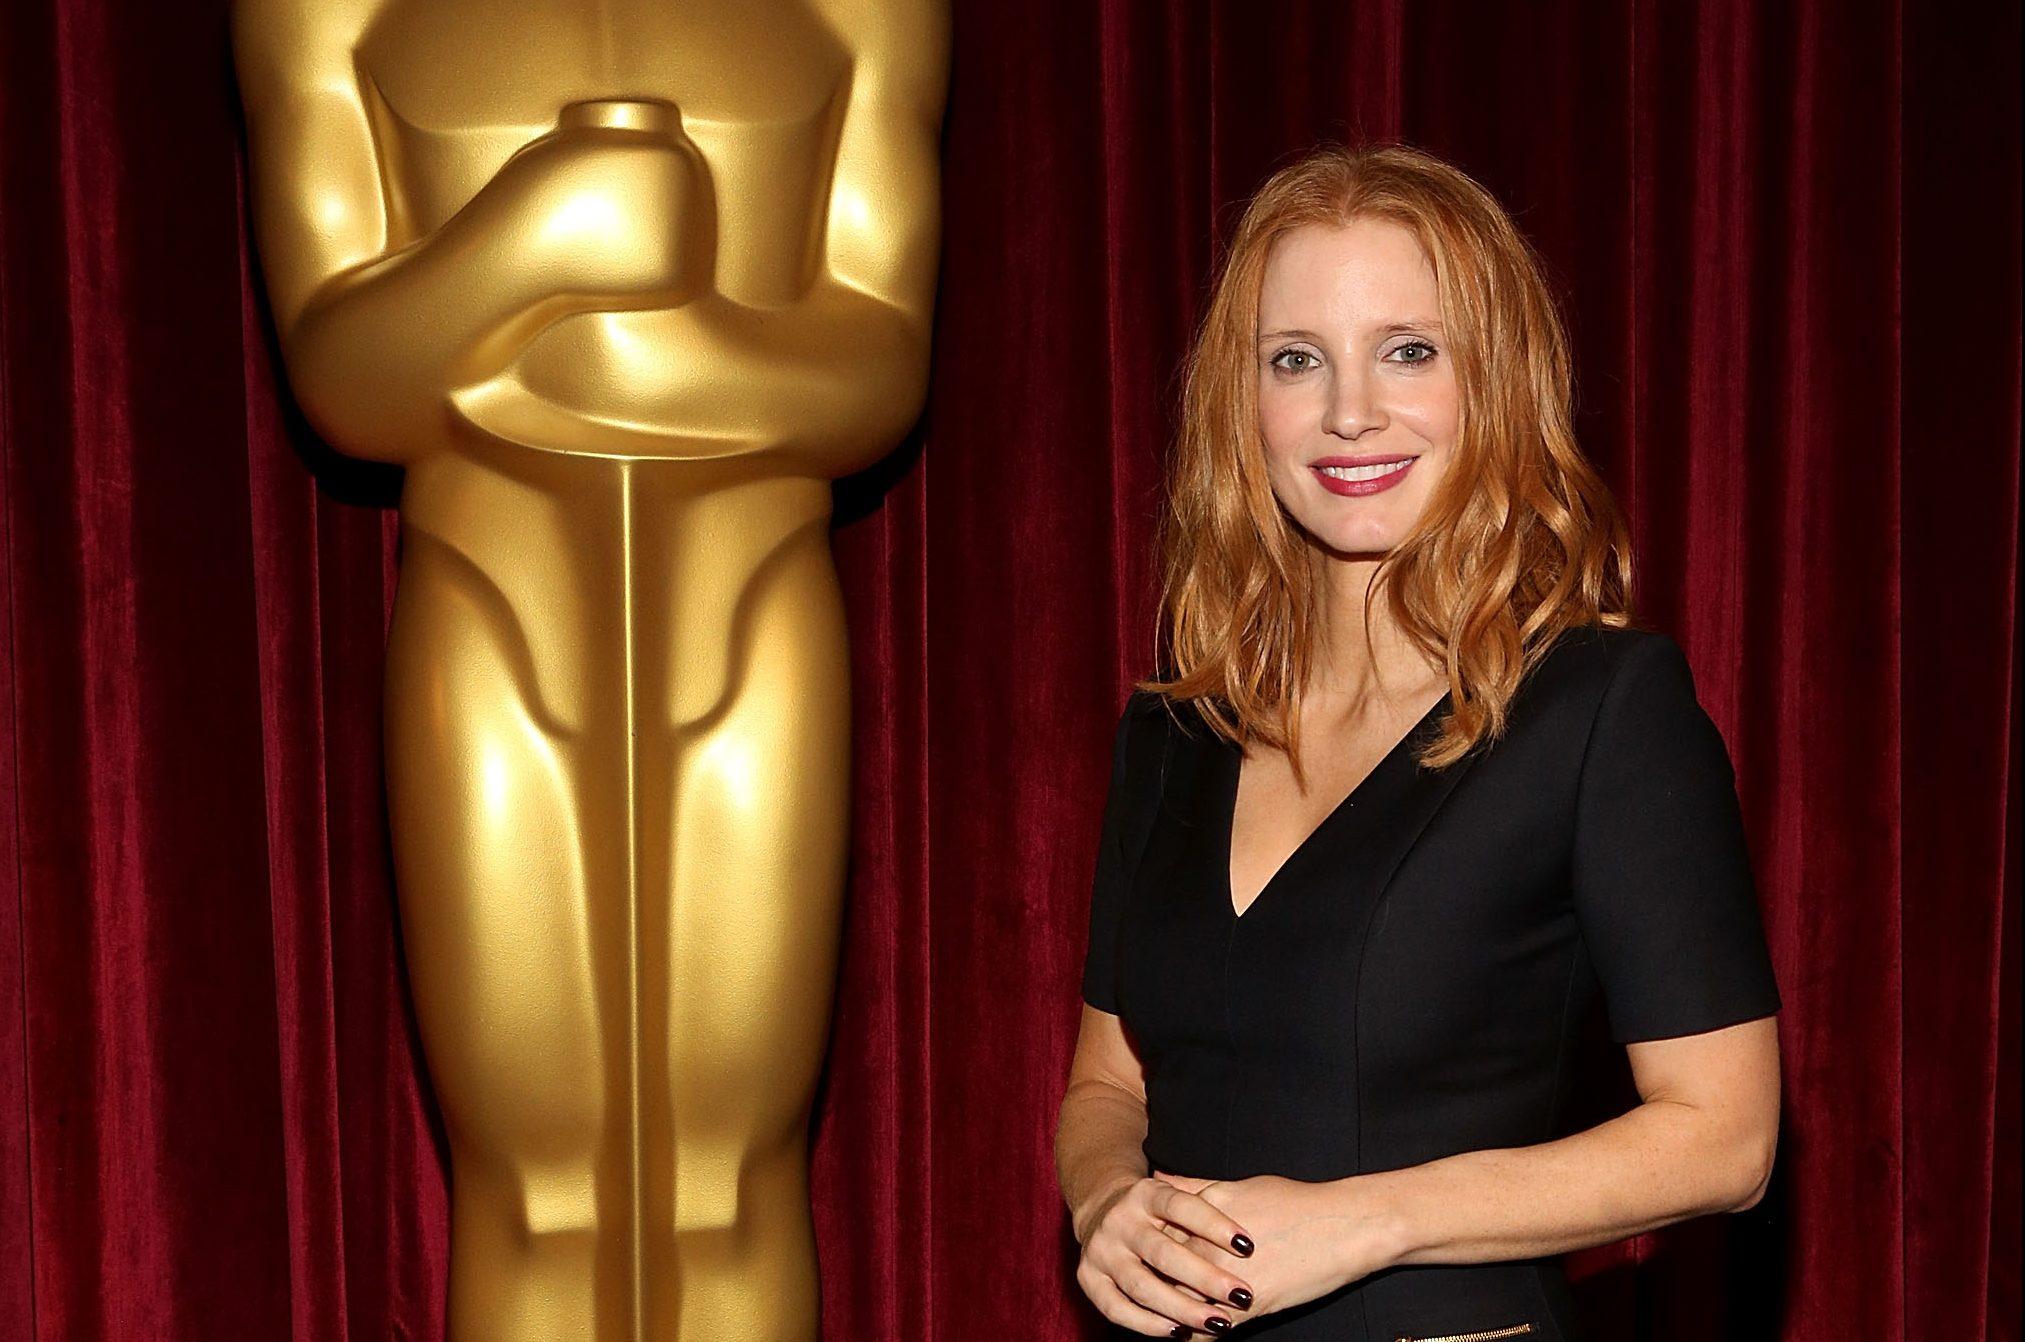 Jessica comparece à exibição de Miss Sloane oferecida pela Academia de Artes e Ciências Cinematográficas